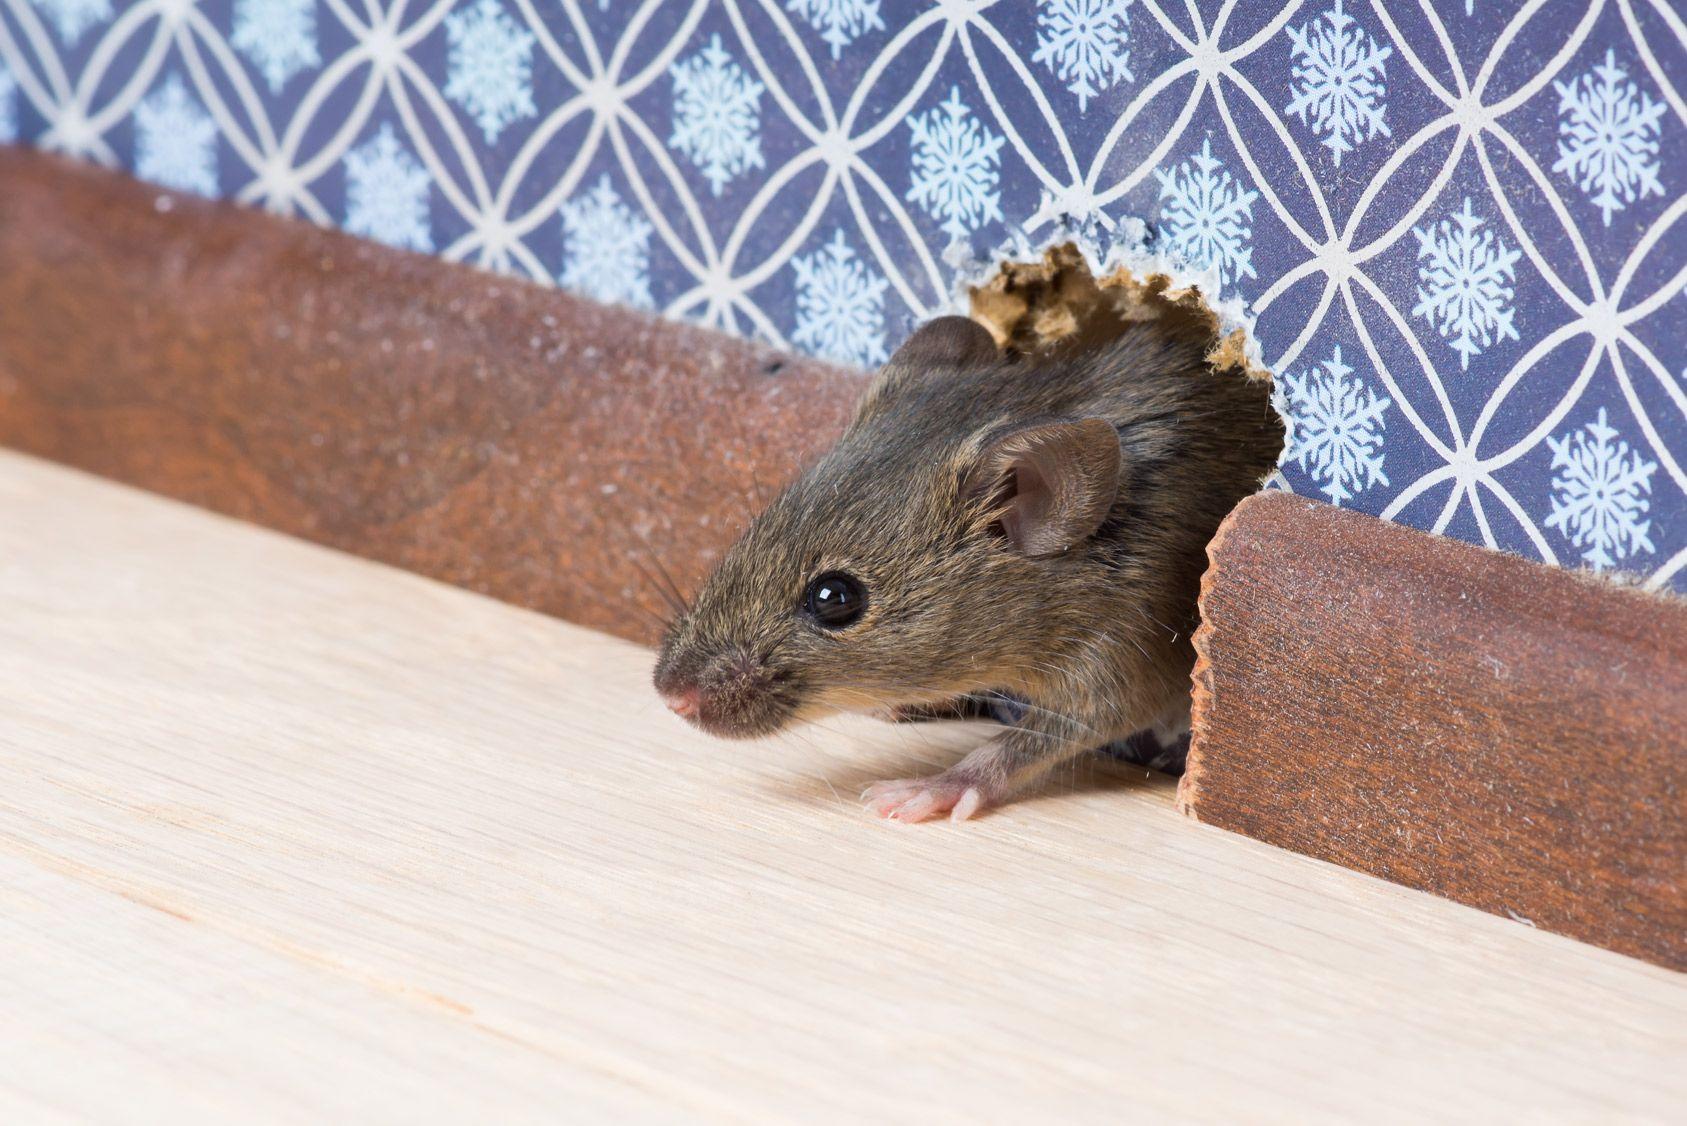 J Ai Une Souris Dans Mon Mur notre propriétaire a dû payer pour les souris